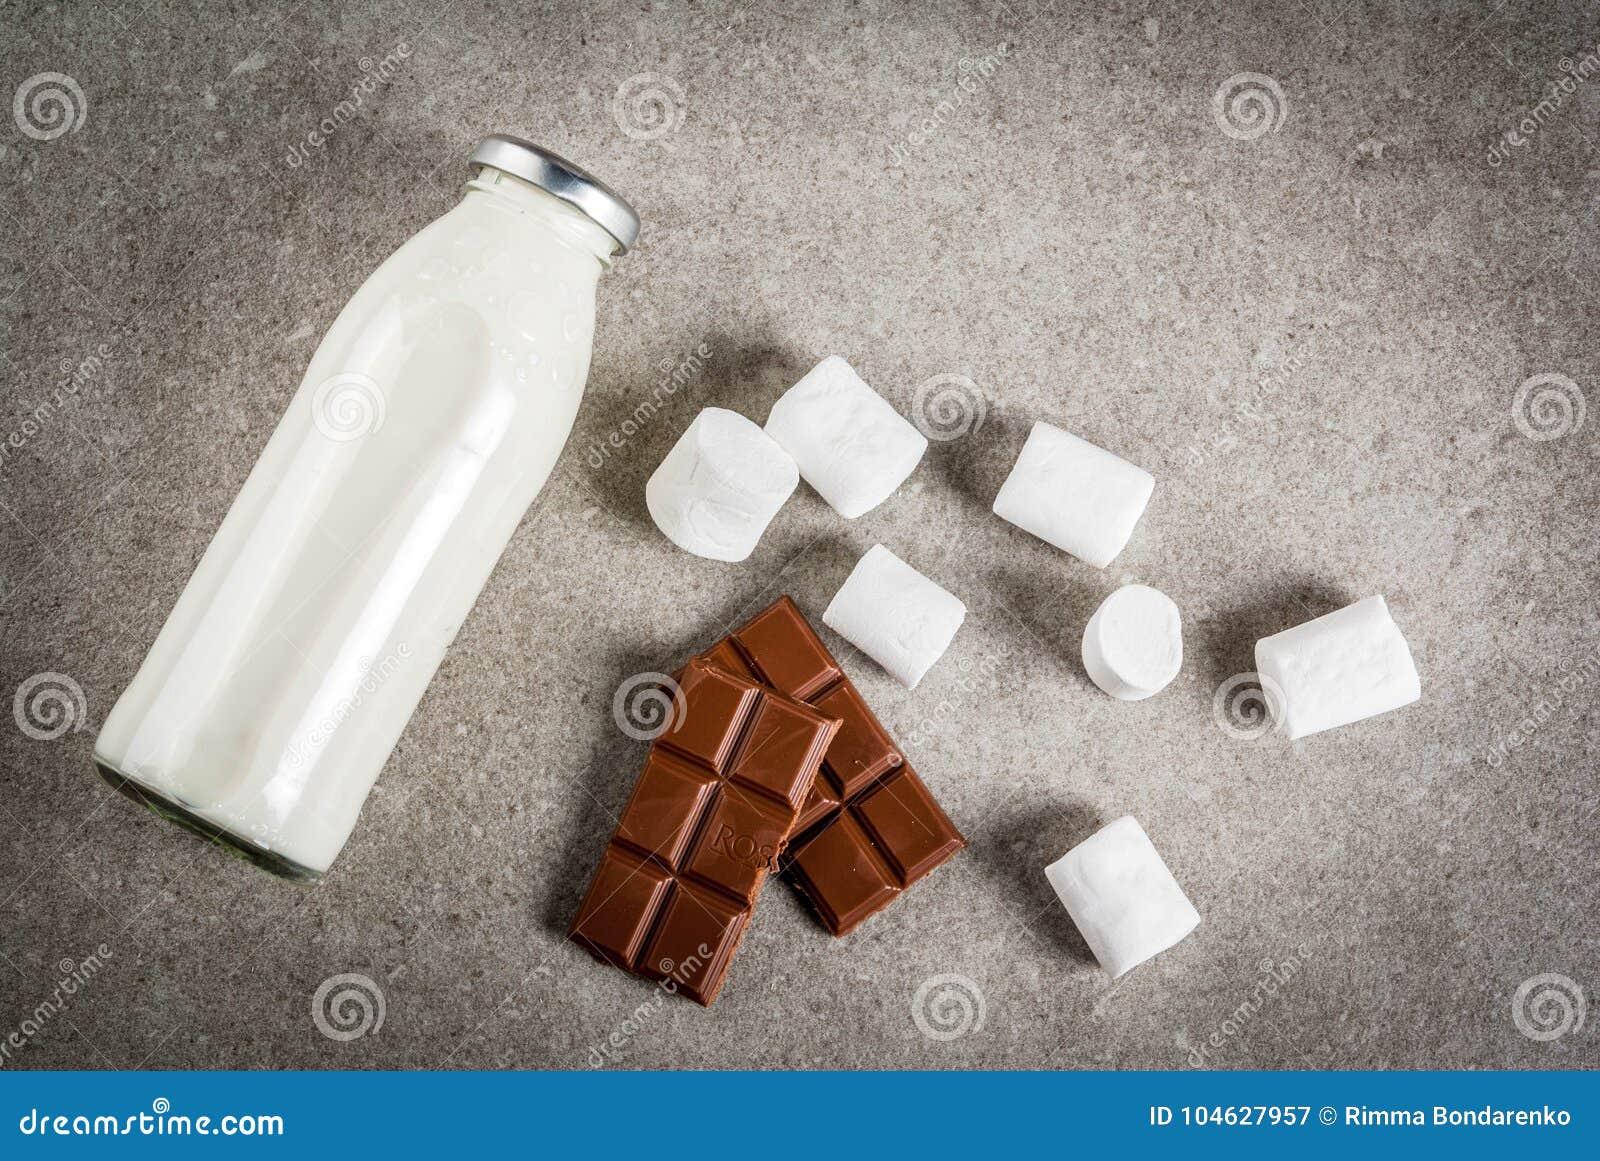 Download Reeks Ingrediënten Voor Hete Chocolade Stock Afbeelding - Afbeelding bestaande uit warm, concept: 104627957